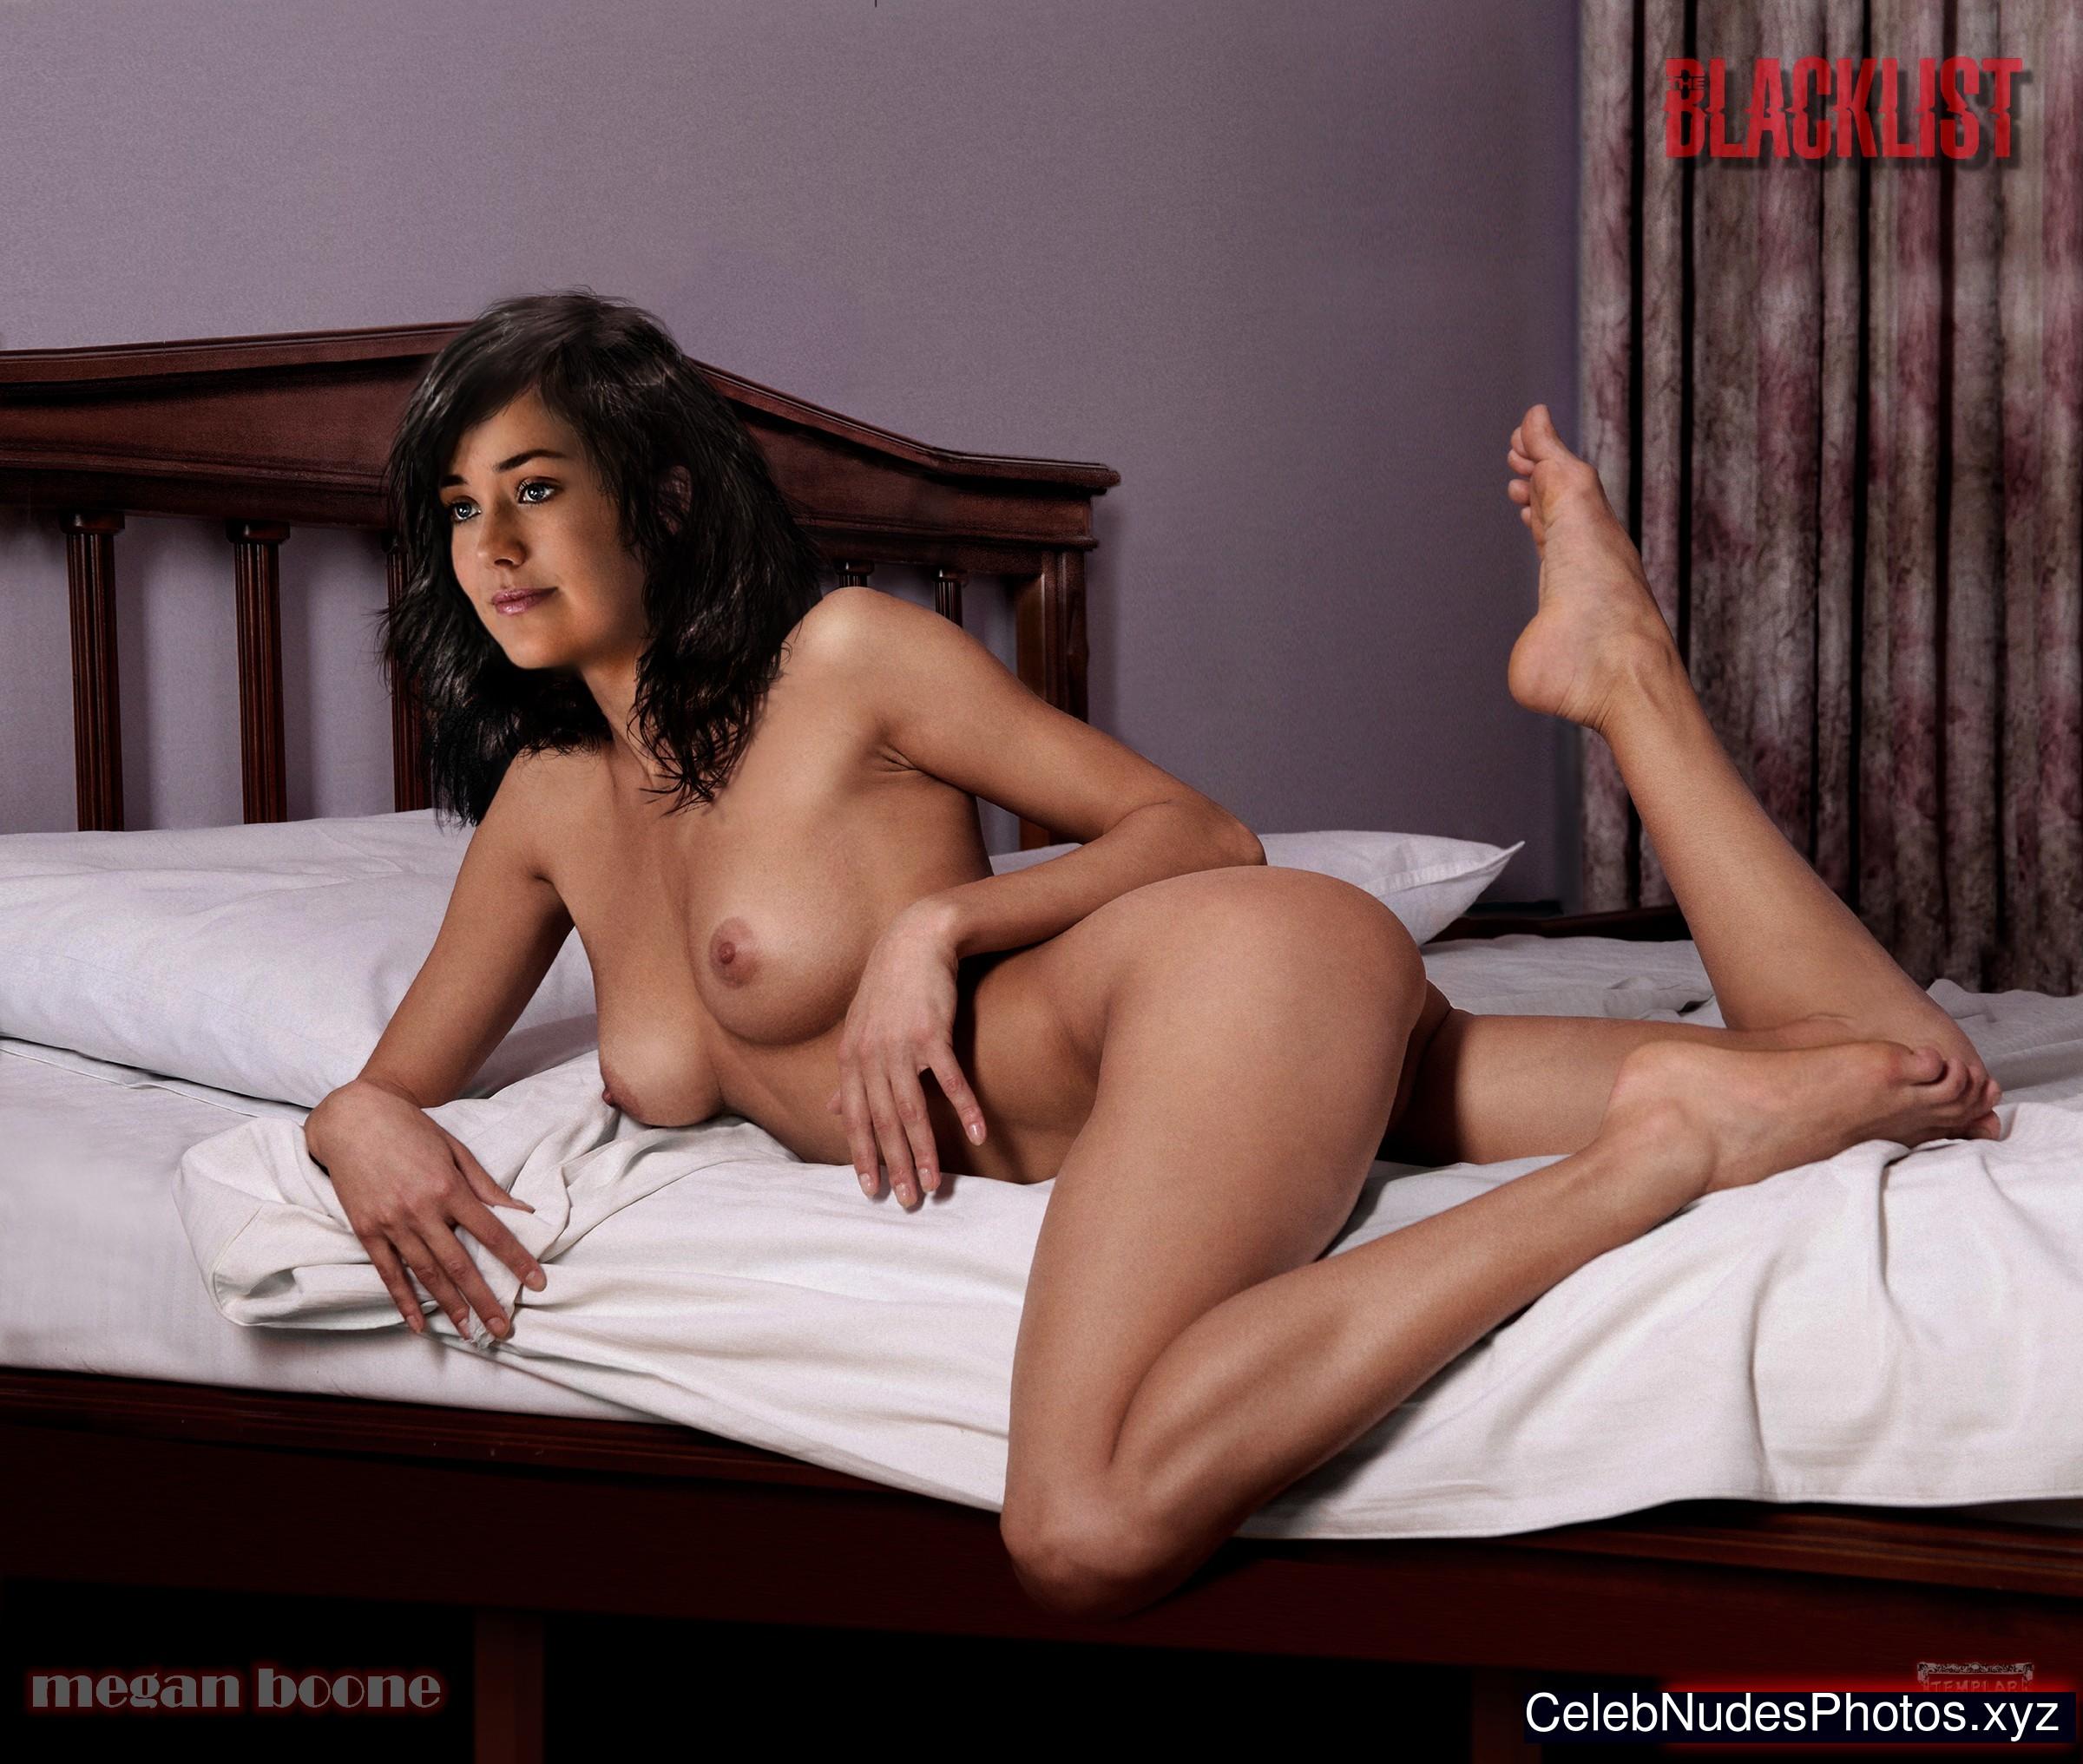 Hot megan boone naked